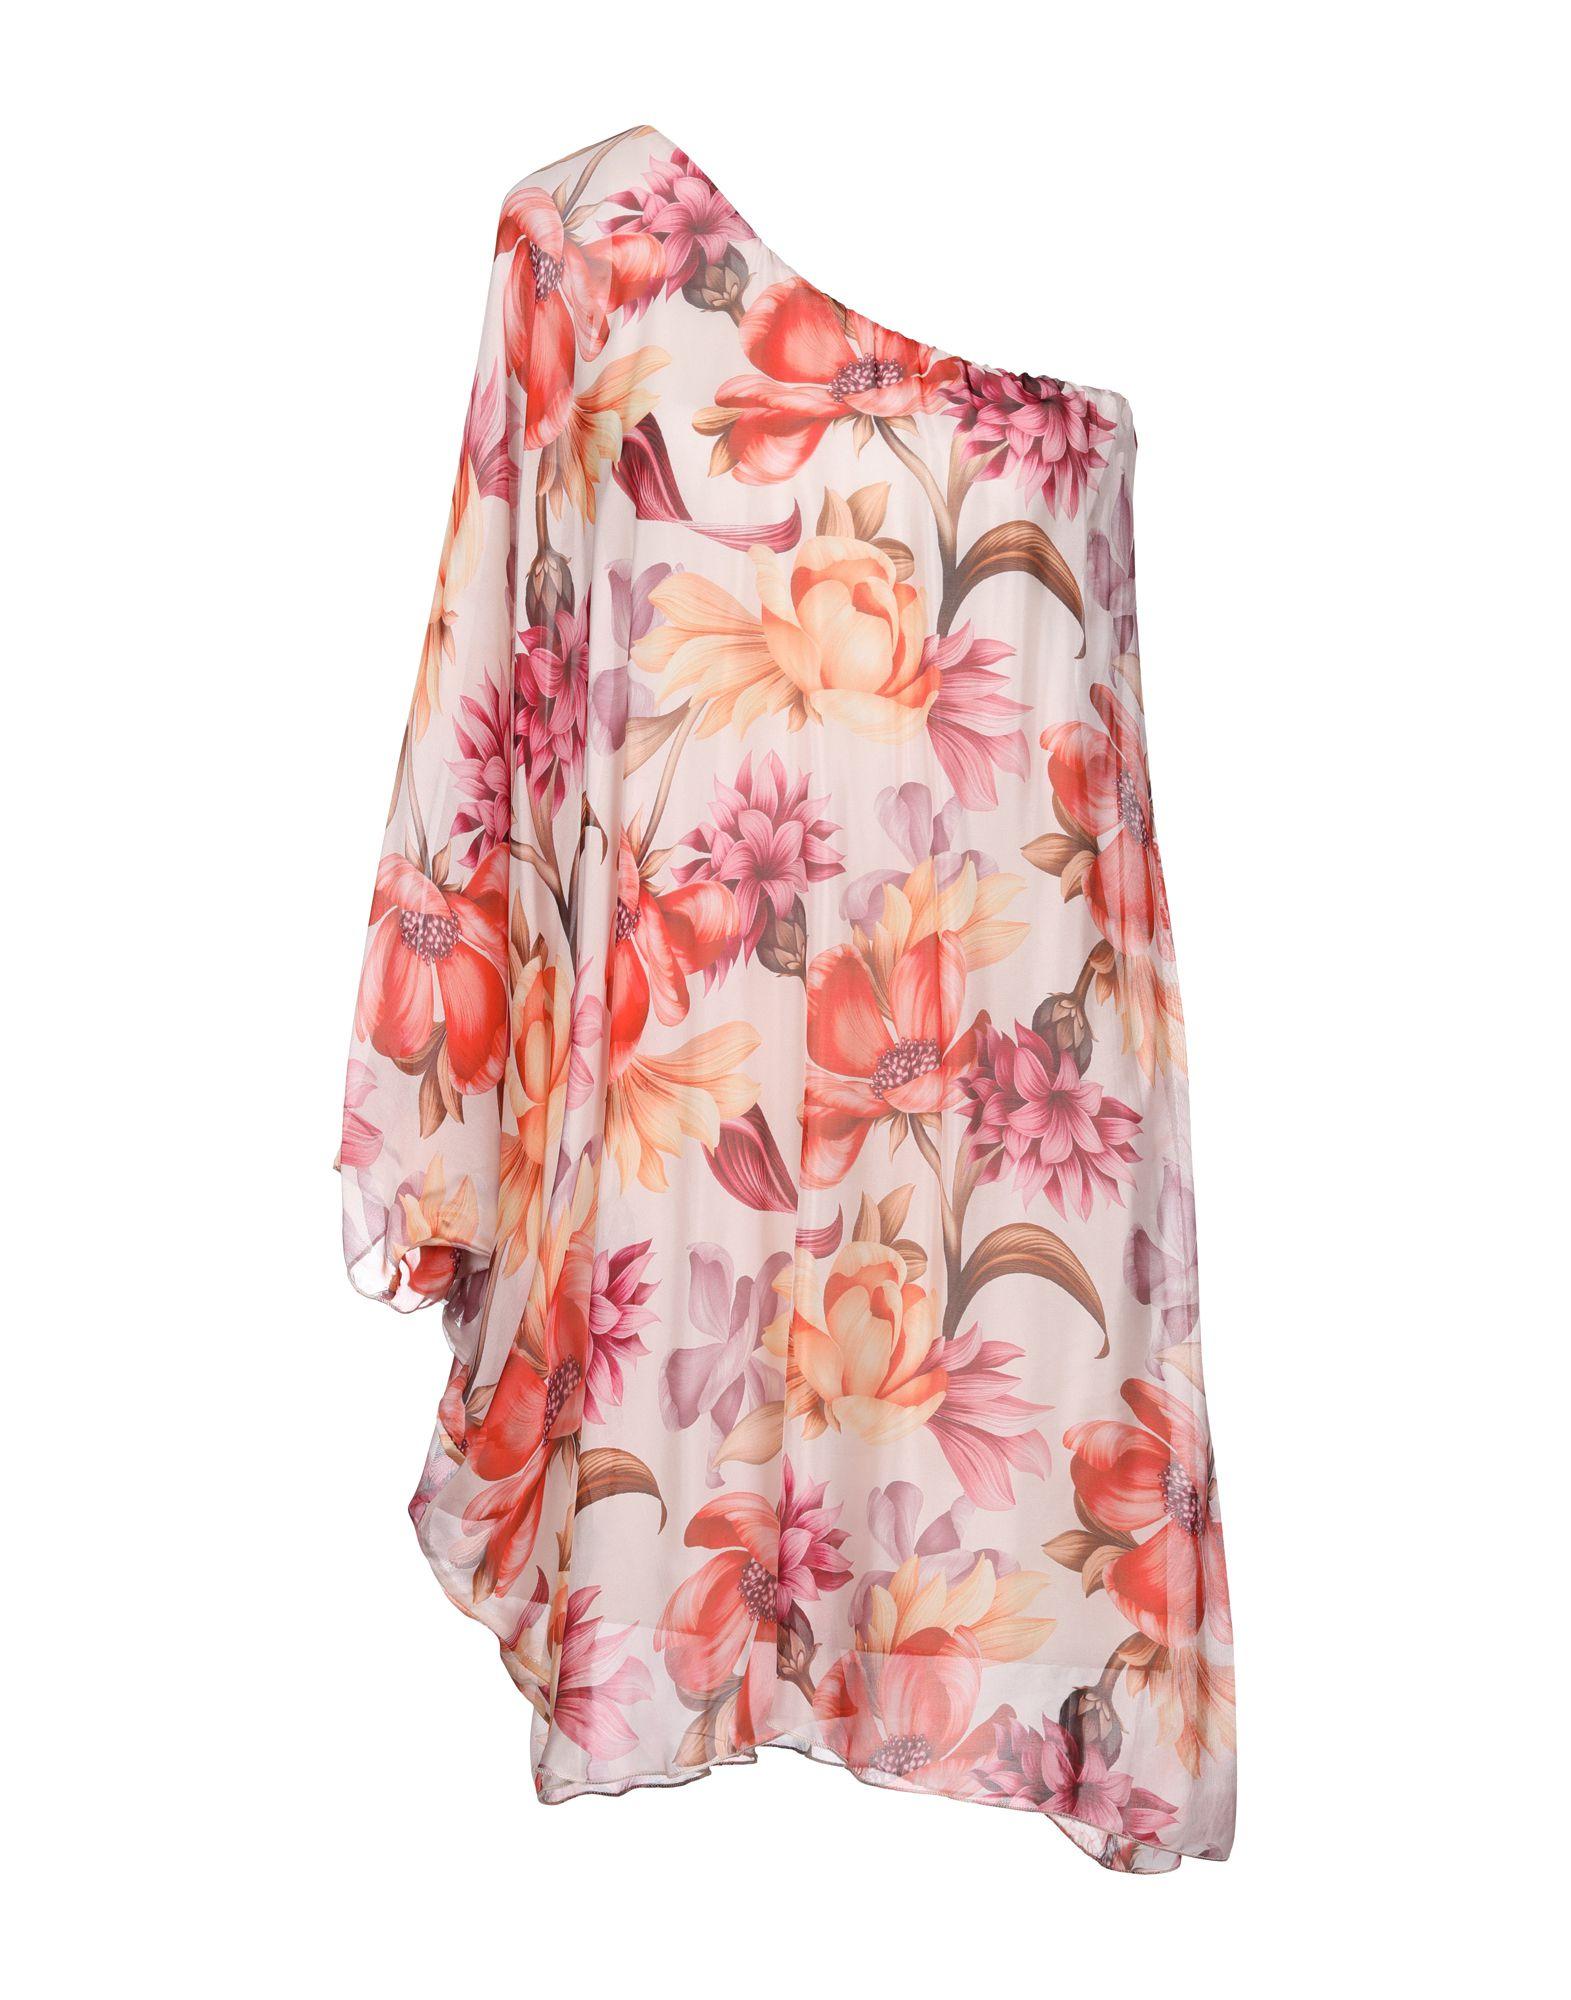 PAOLO CASALINI Короткое платье малого сексуально женщин от летних моды случайных плечо мини платье